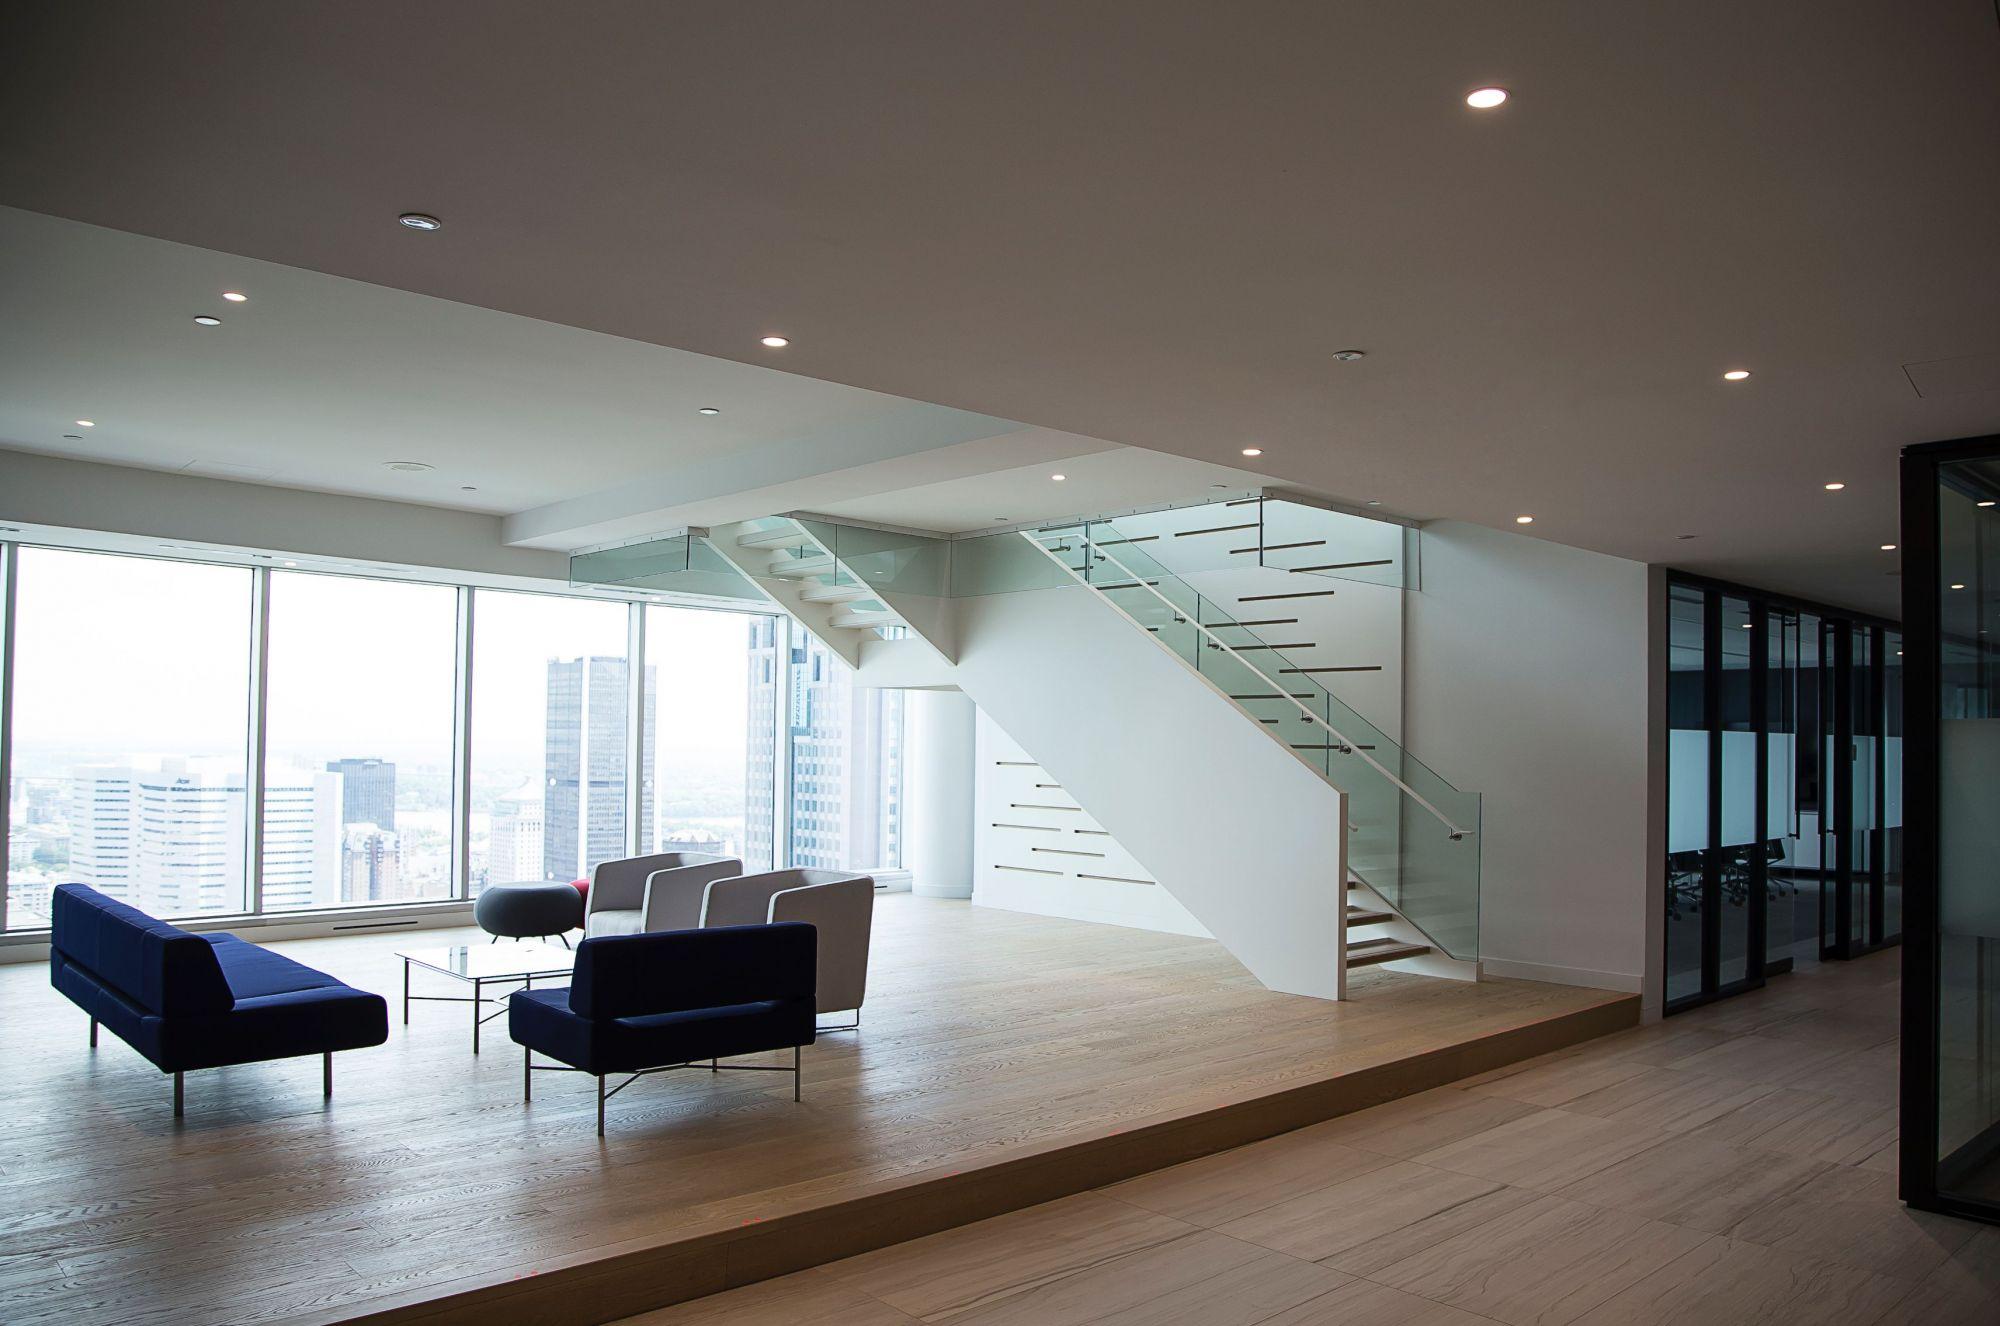 Escaliers Rampes D Escaliers Et Projets Sur Mesure Partout